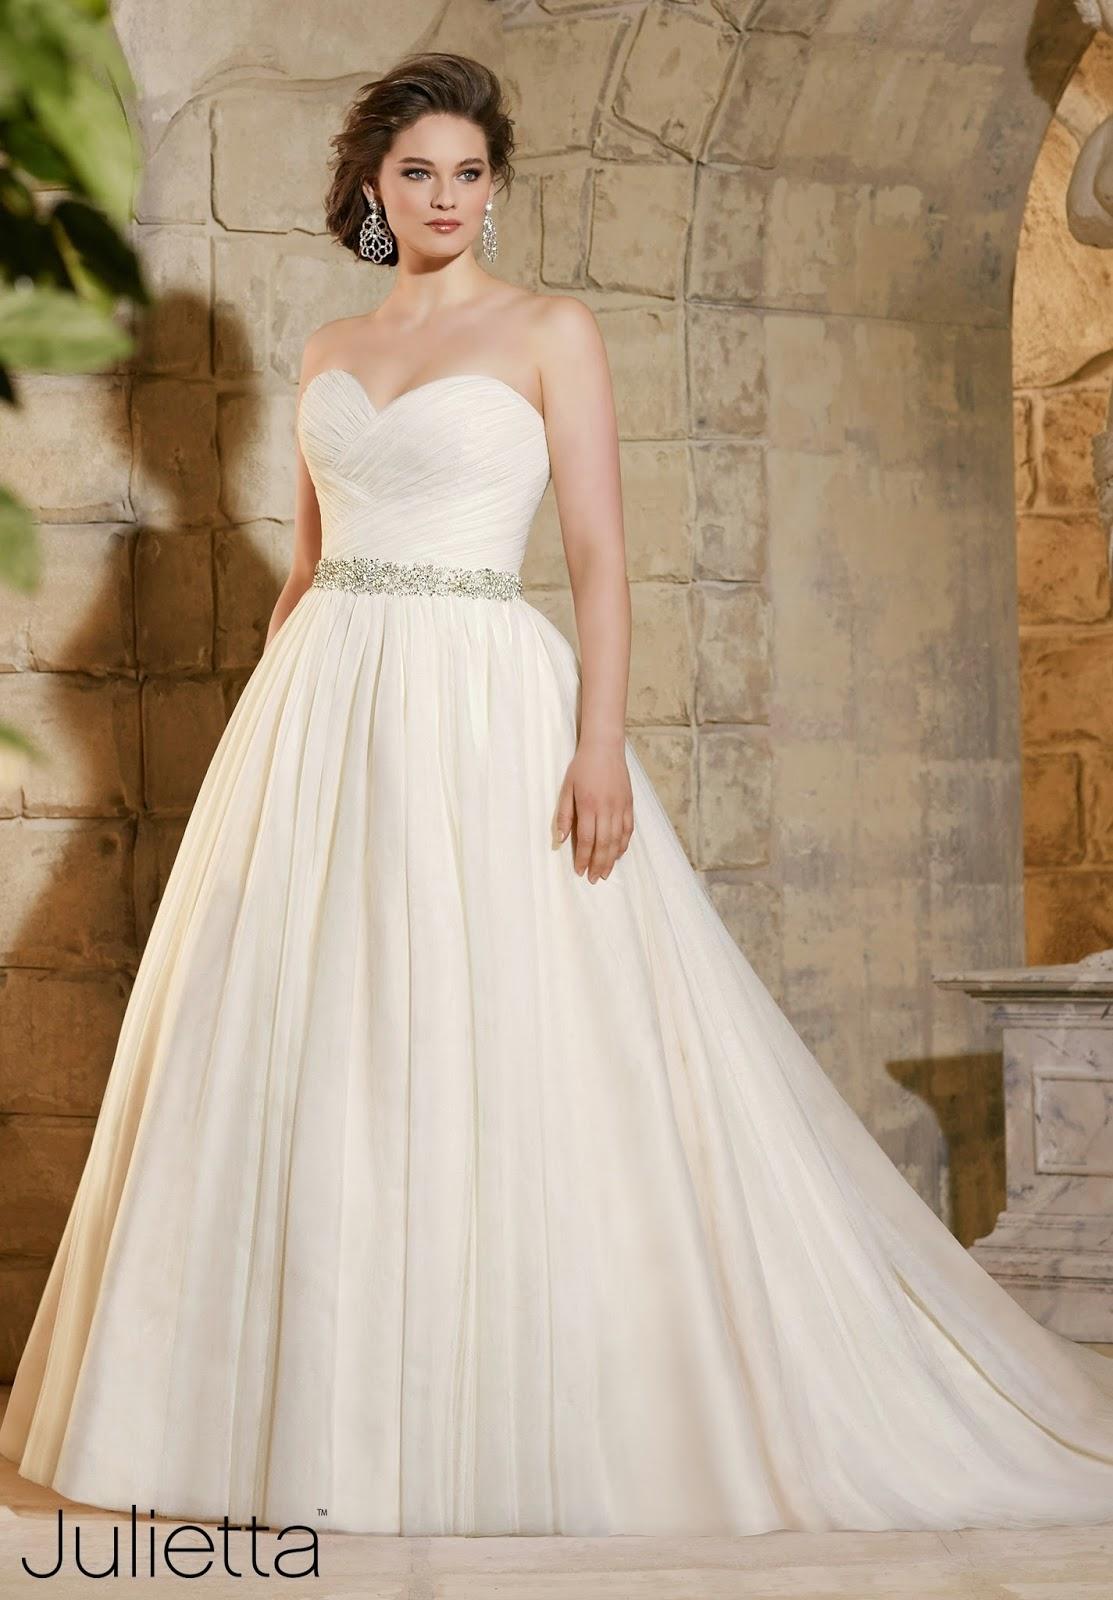 Best Wedding Gowns Under 1000, Designer Wedding Gowns 2015, 10 Wedding Dresses Under 1000, Wedding Gown Designers List, Boho Wedding Dresses Under 1000, Best Designer Wedding Dresses, Celebrity Wedding Dresses, Lace Wedding Dresses Under 1000